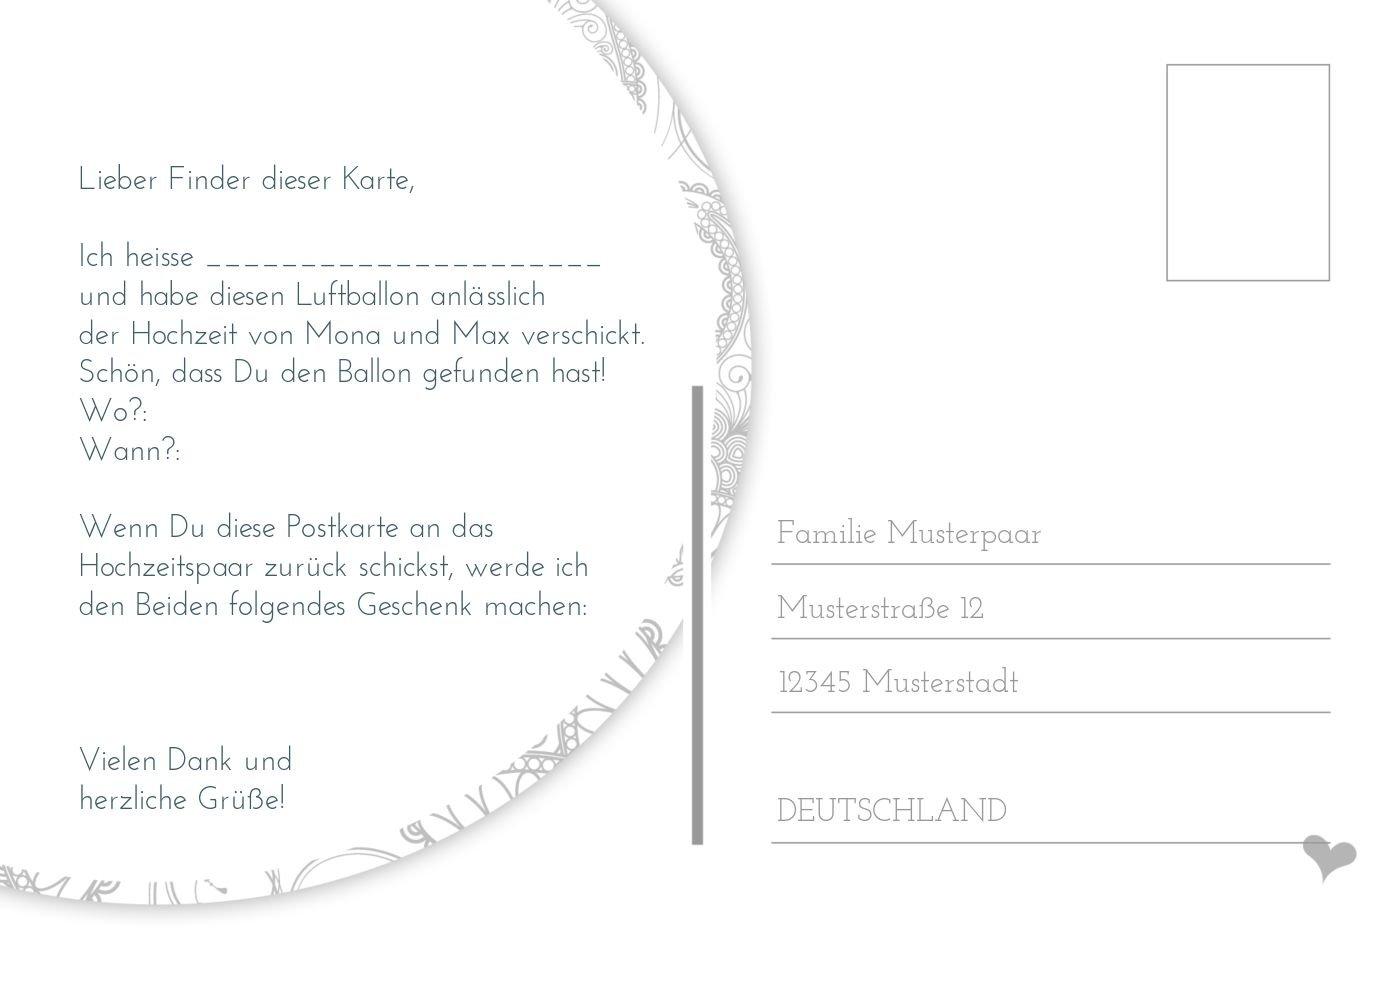 Ballonkarte Traumhochzeit, 80 Karten, Weiß B07CQDSK3R | Sonderpreis  Sonderpreis  Sonderpreis  | Bekannt für seine schöne Qualität  | Angemessene Lieferung und pünktliche Lieferung  62103f